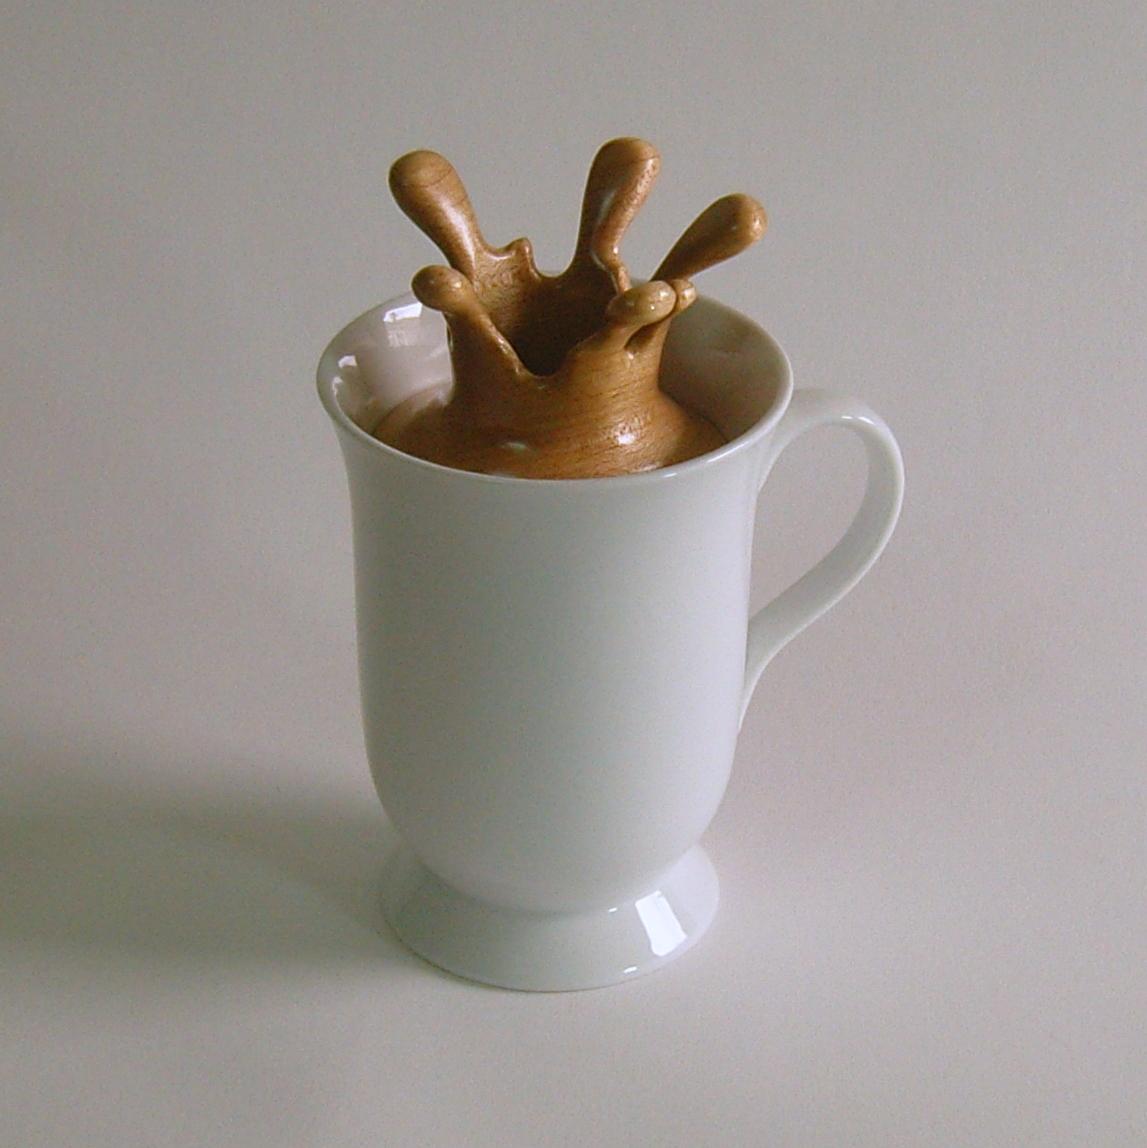 """Splash Series #17  4.5""""W x 3.5""""D x 6.25""""H  Maple, Walnut, Ceramic Cup.  SOLD."""